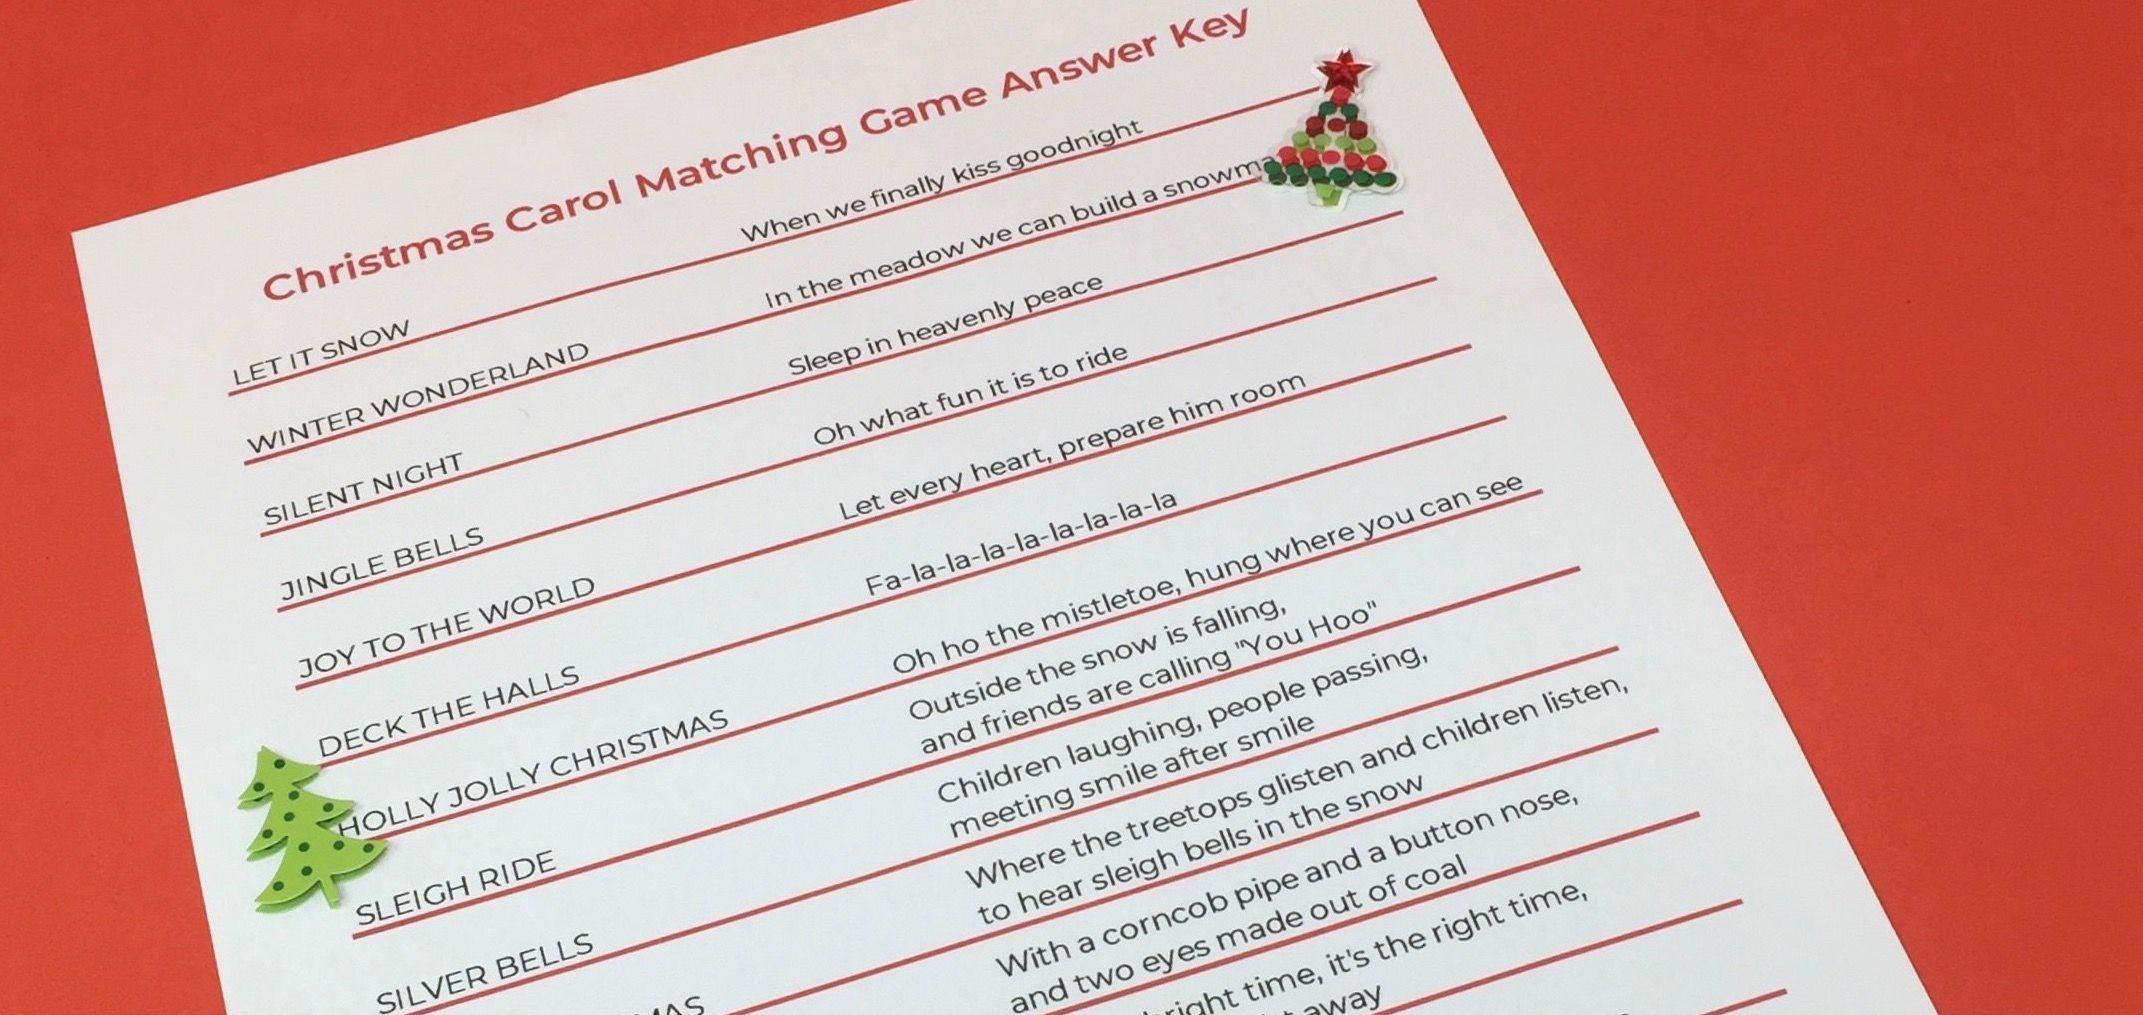 Christmas Carol Matching Game Printable for Seniors